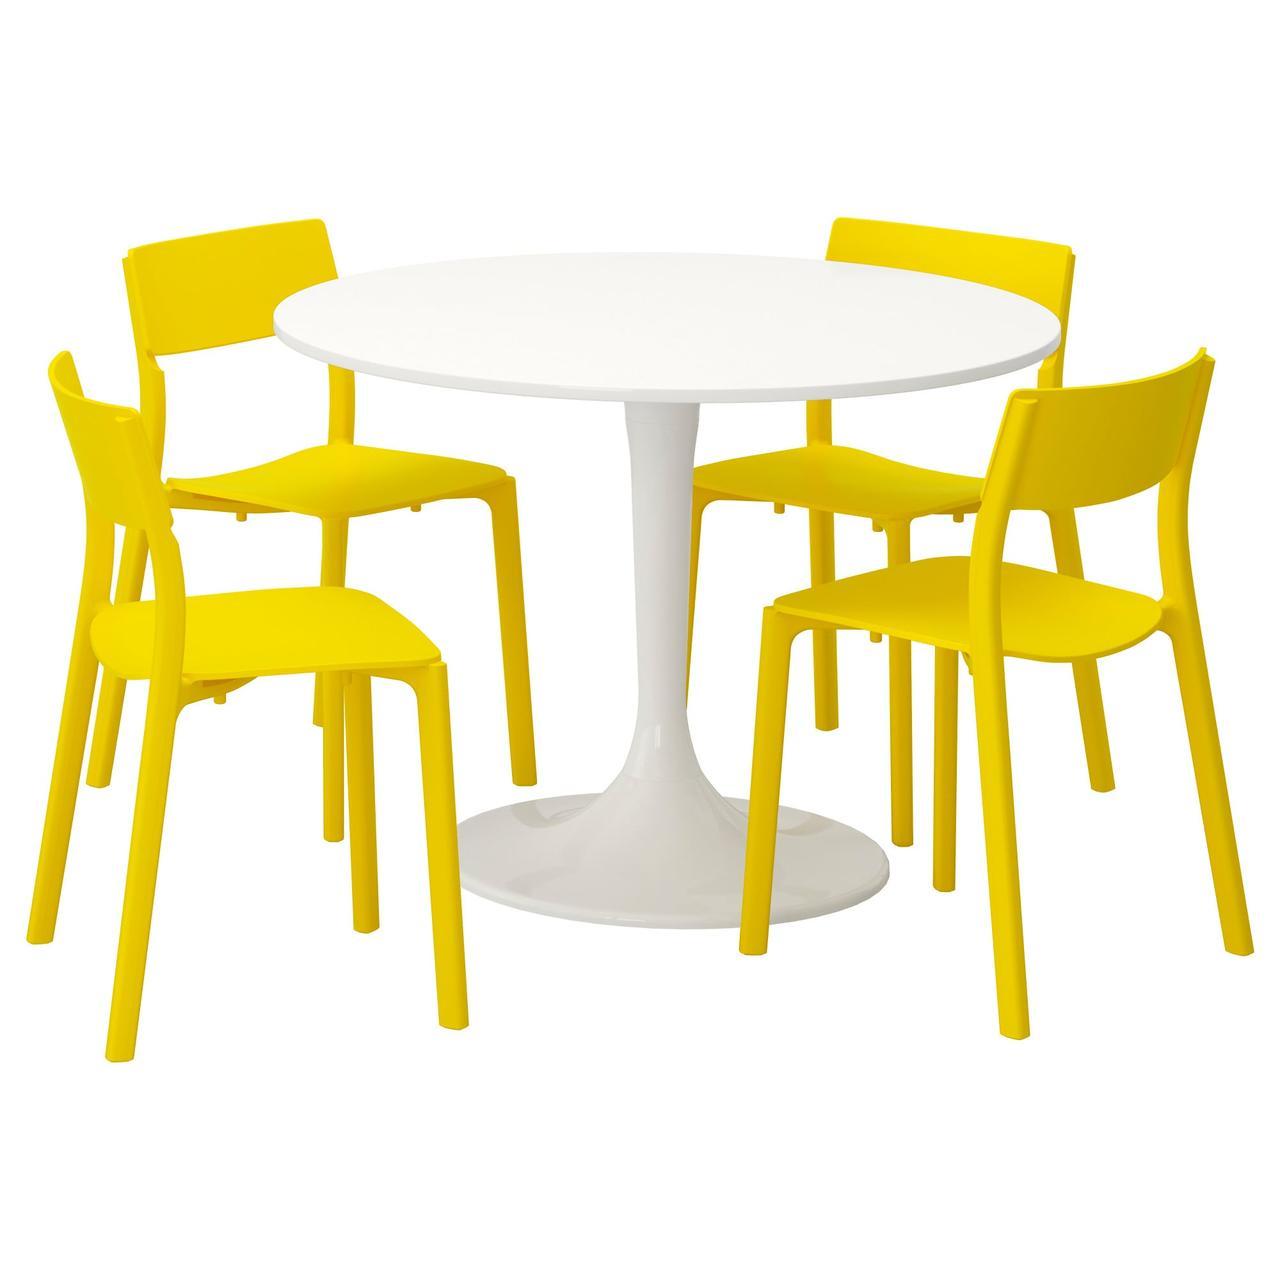 Комплект для кухни (стол и 4 стула) IKEA DOCKSTA / JANINGE 105 см белый желтый 592.297.98